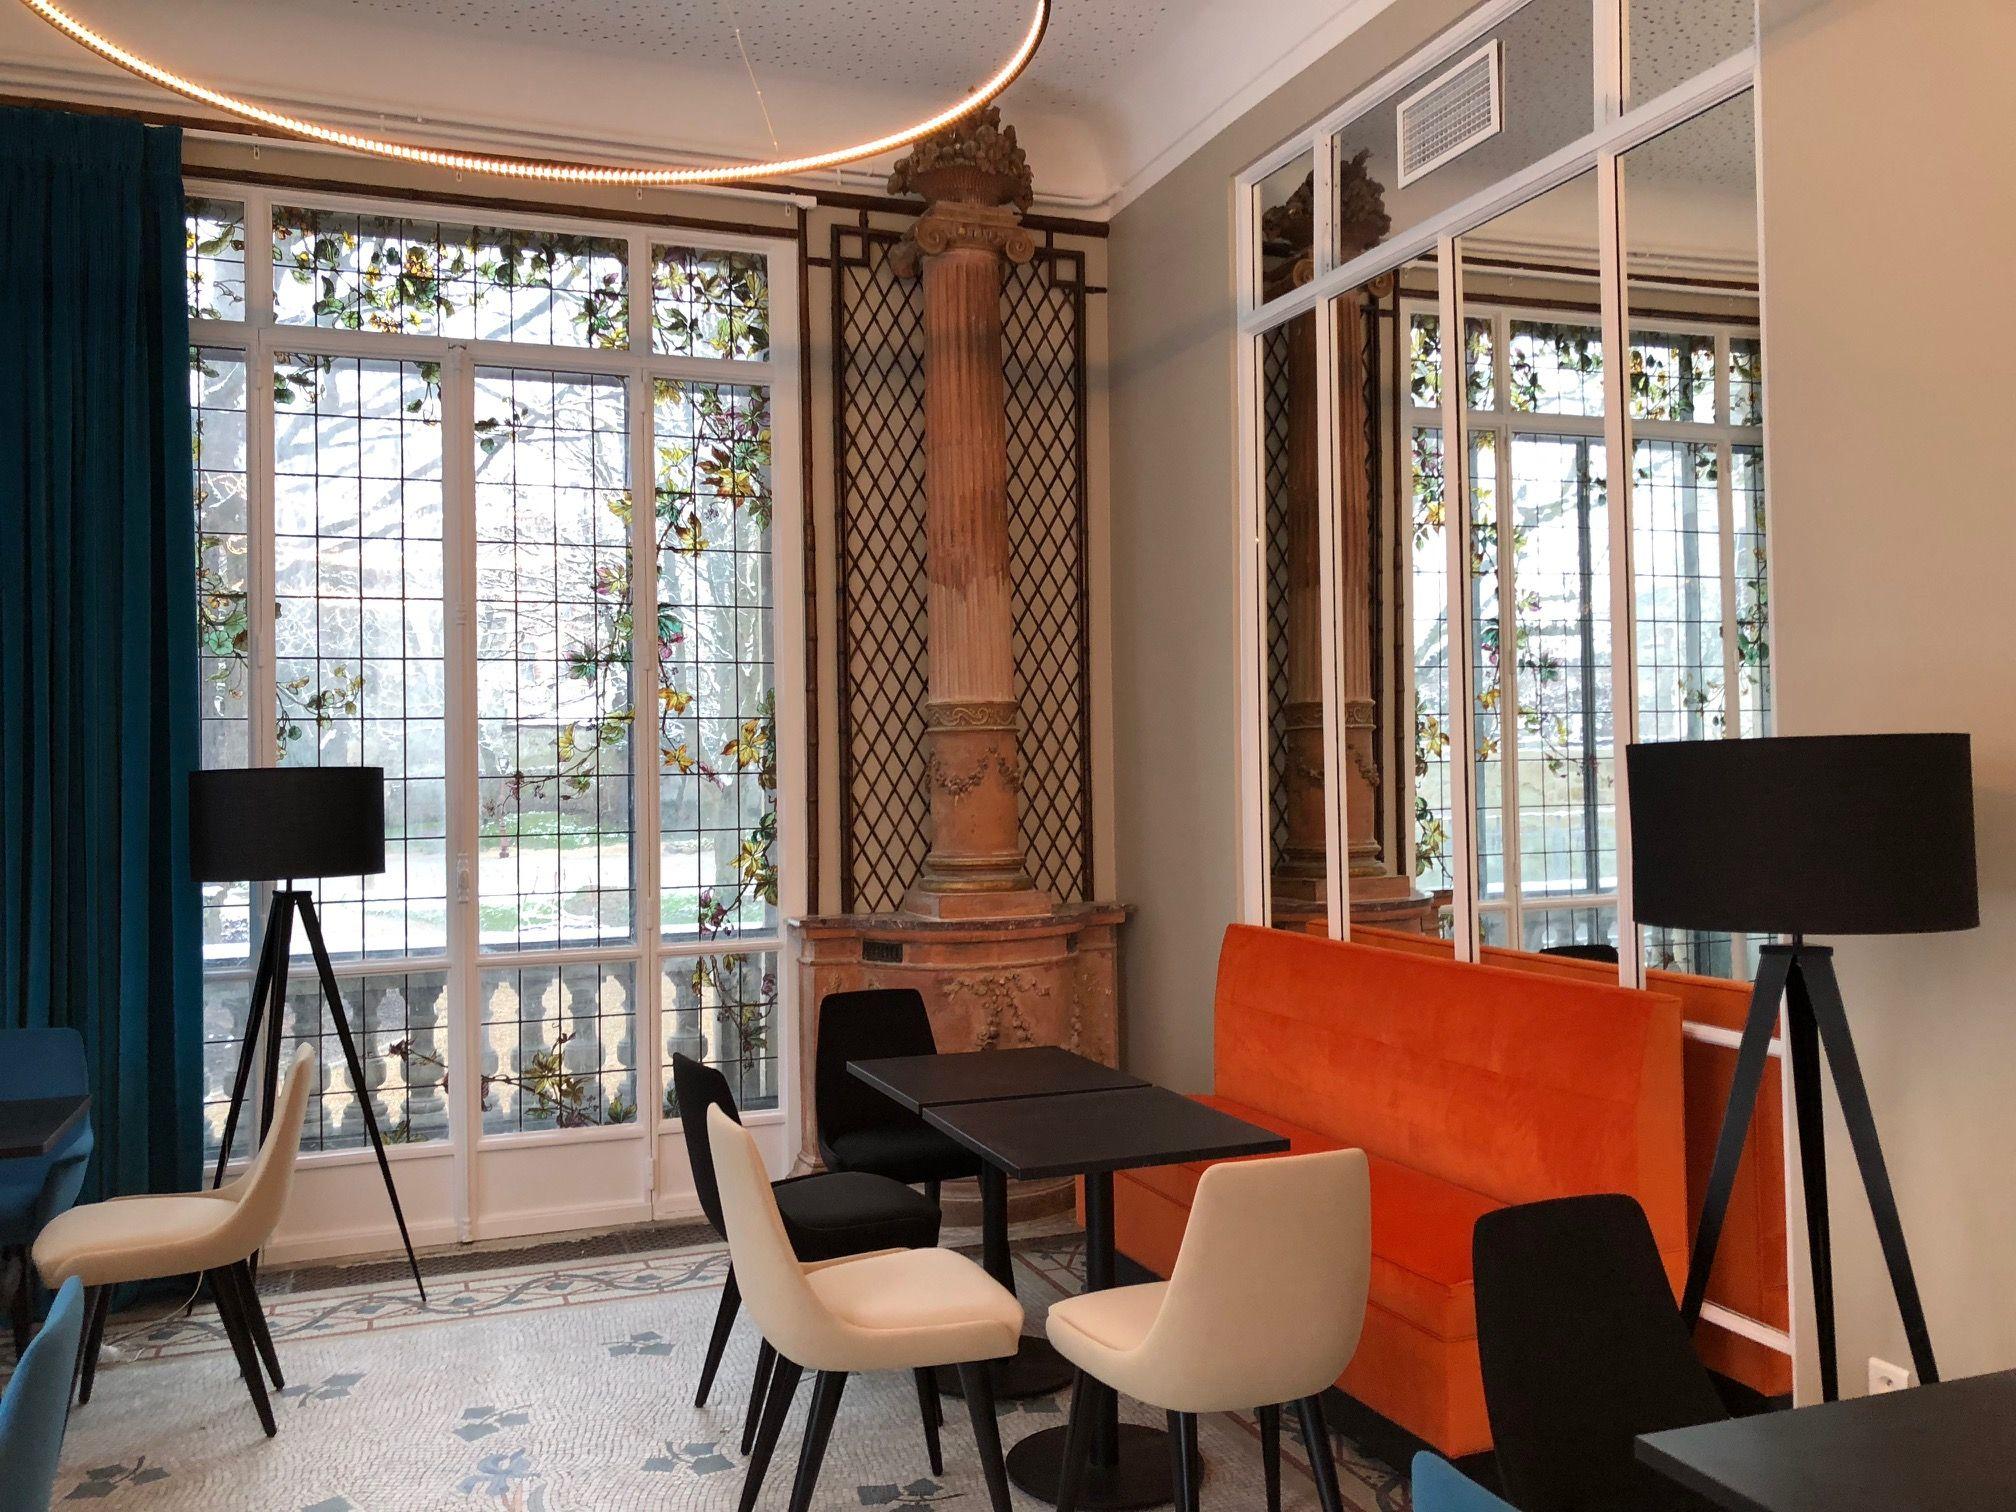 Le Cafe Des Arts Theatre Alexandre Dumas De Saint Germain En Laye Bonnes Adresses Paris Home Decor